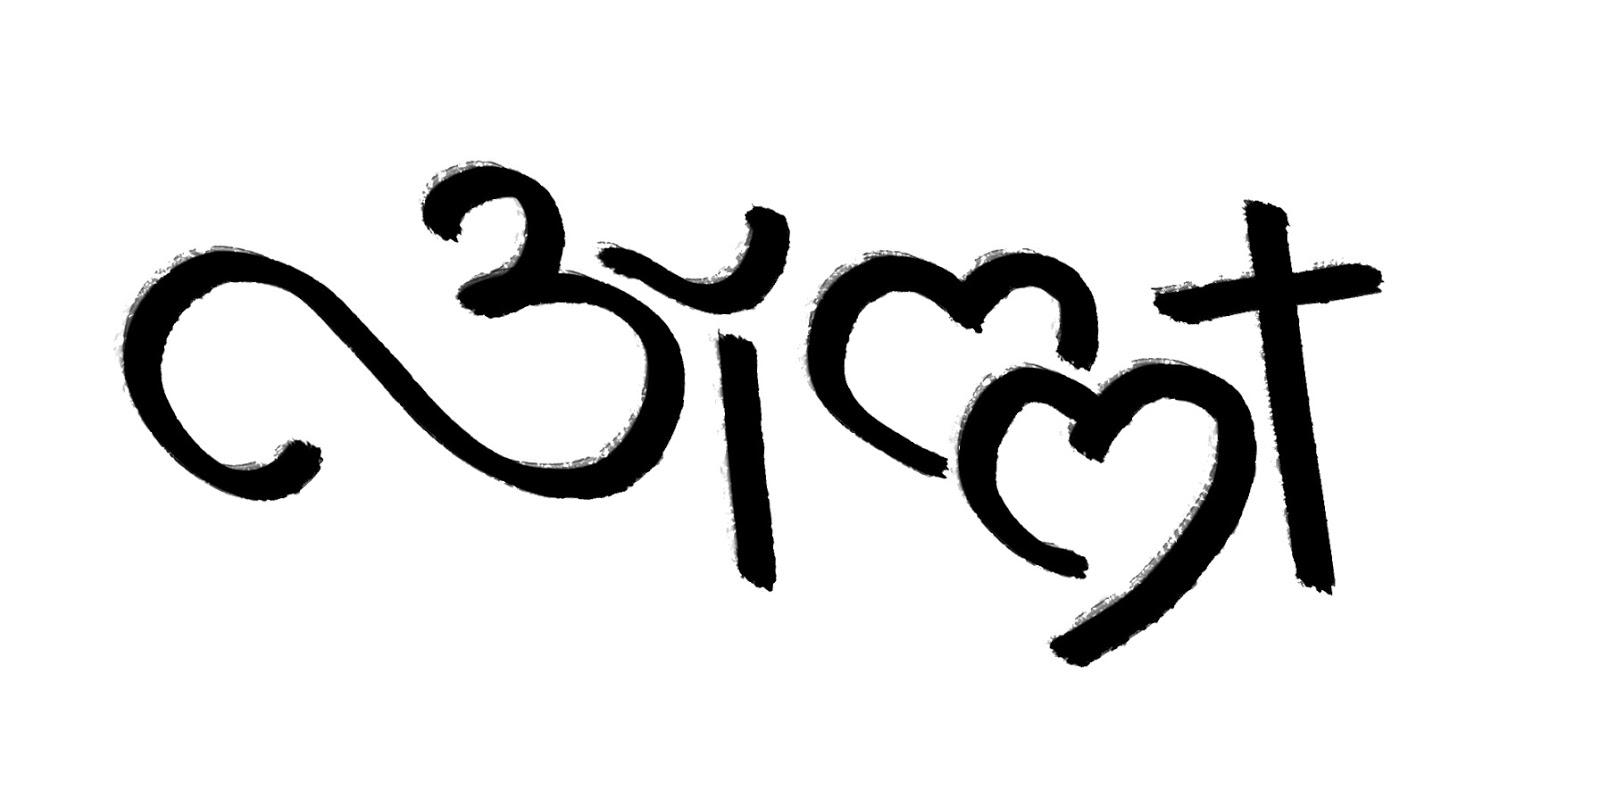 Calligraphy Define Explore Discuss